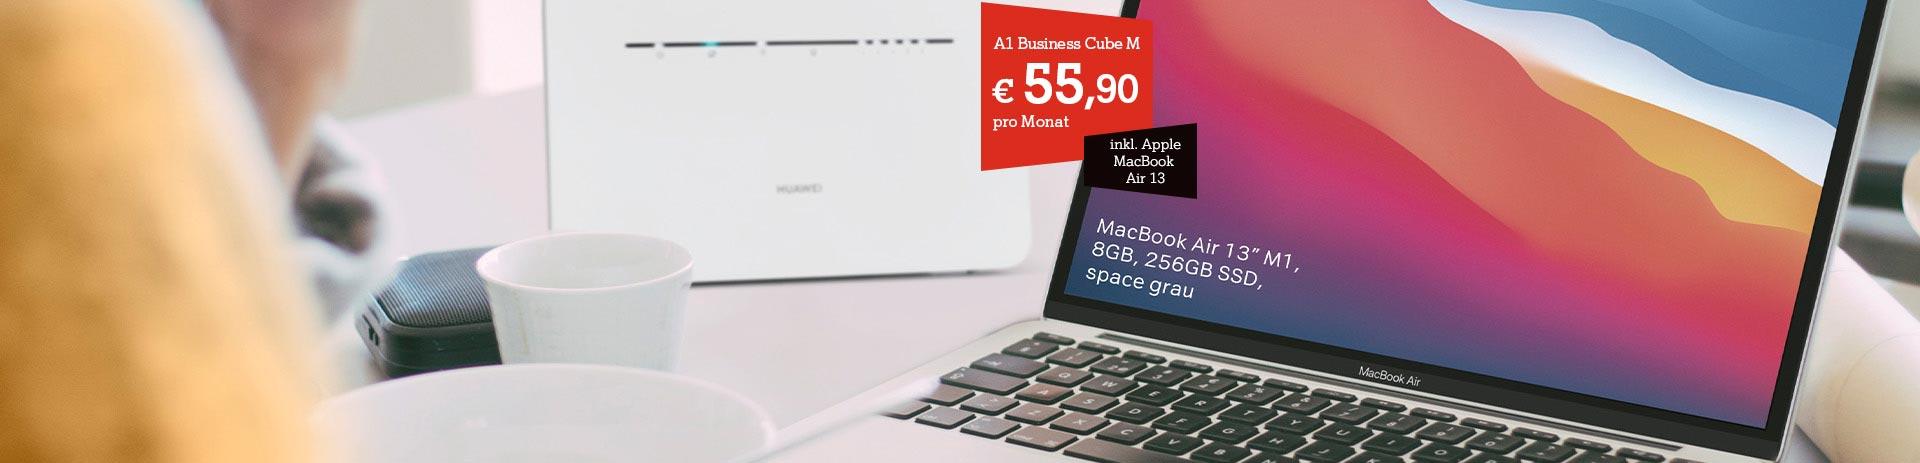 A1 Business Cube & MacBook Air 13